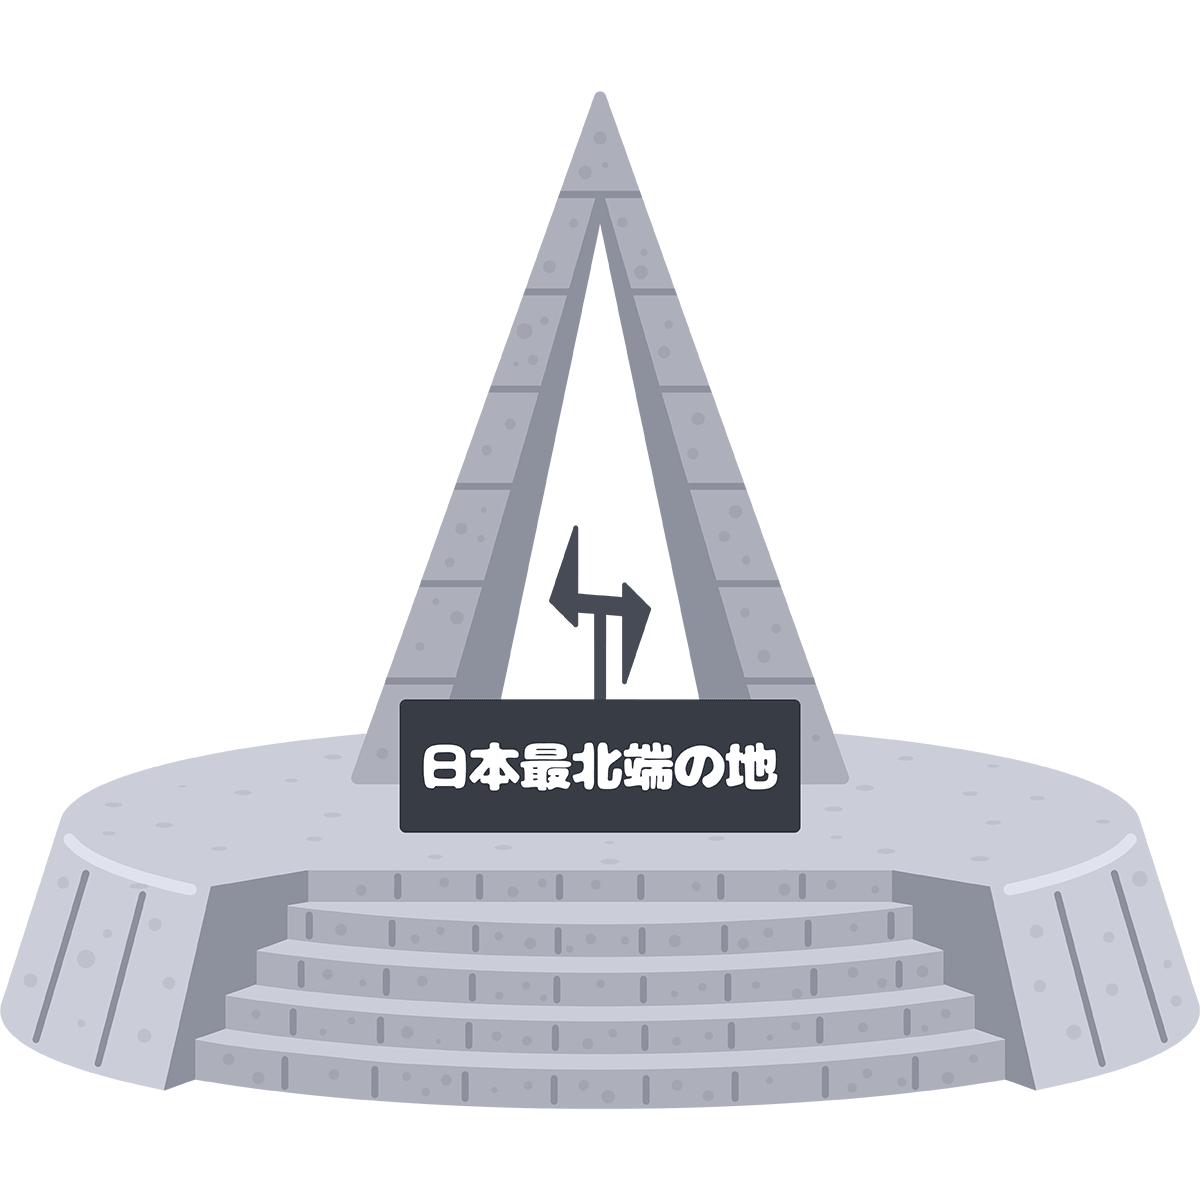 日本最北端の無料イラスト